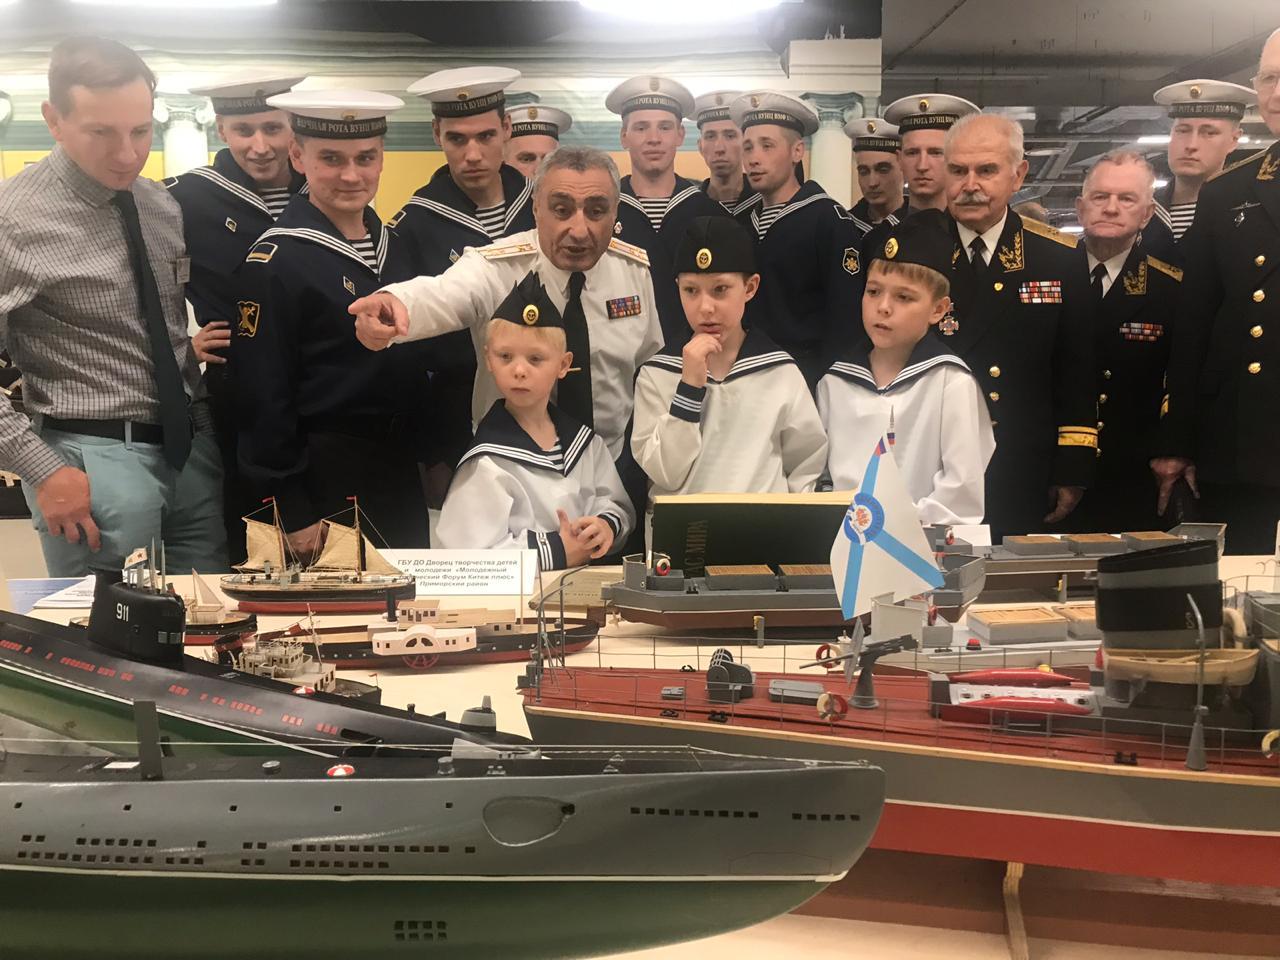 Фестиваль «От Винта!» провел отбор проектов для участия в Военно-морском салоне-2019 в Санкт-Петербурге